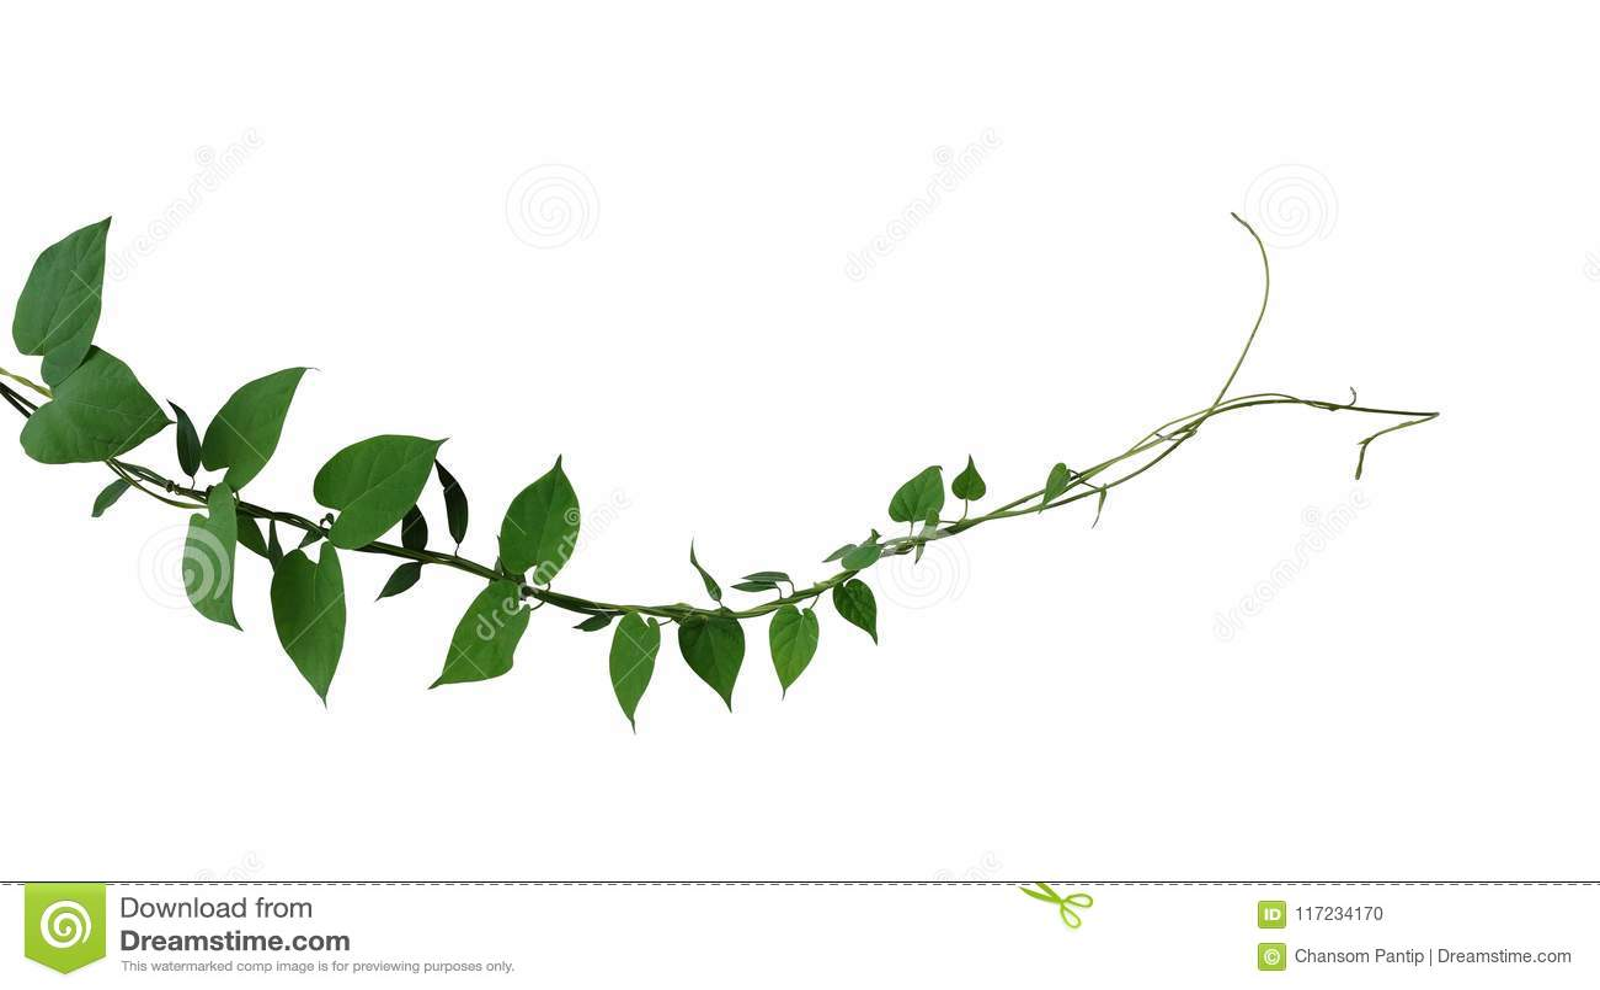 心形的深绿叶子扭转了密林藤藤本植物上升